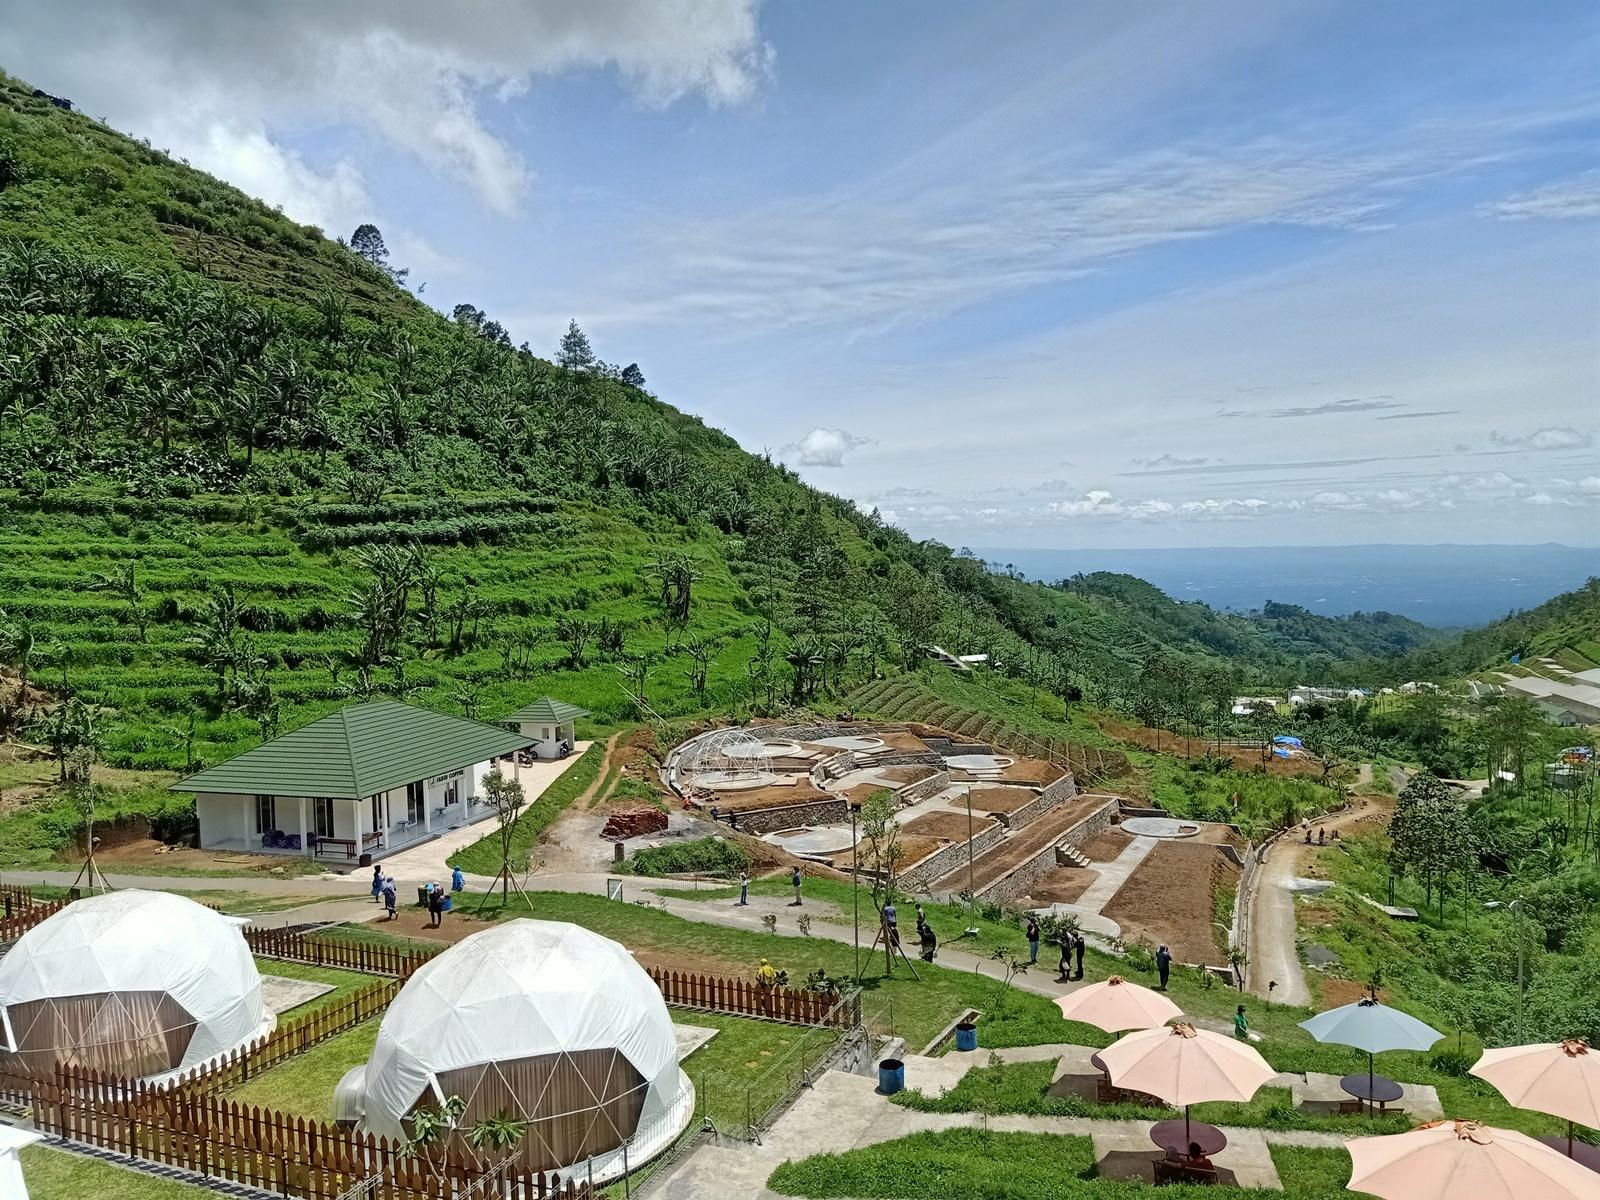 Tempat Wisata Di Malang 49 Destinasi Memukau 2021